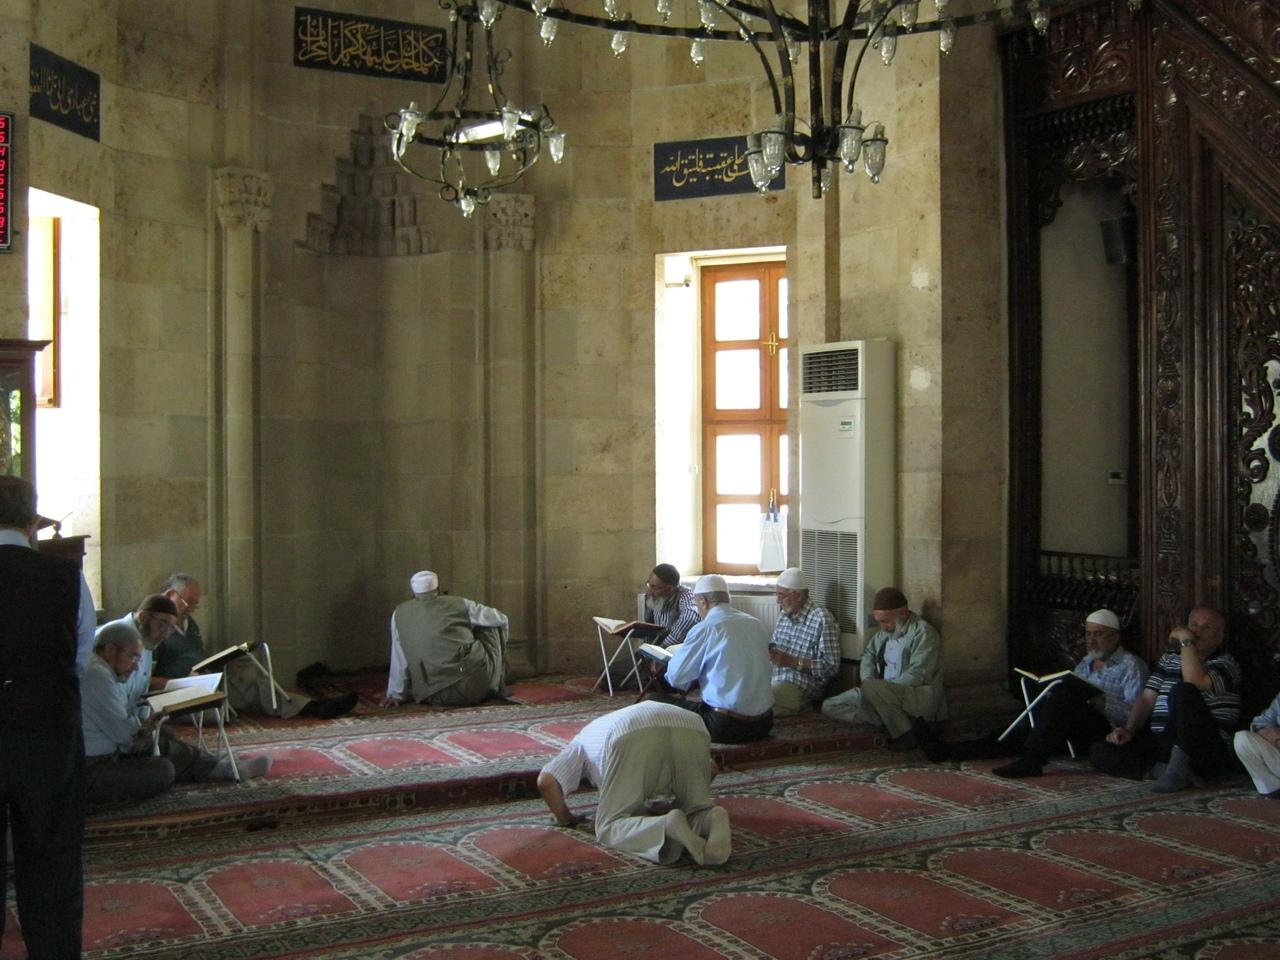 Дюжина мужиков сидят и читают Корант, а один за всех молится.